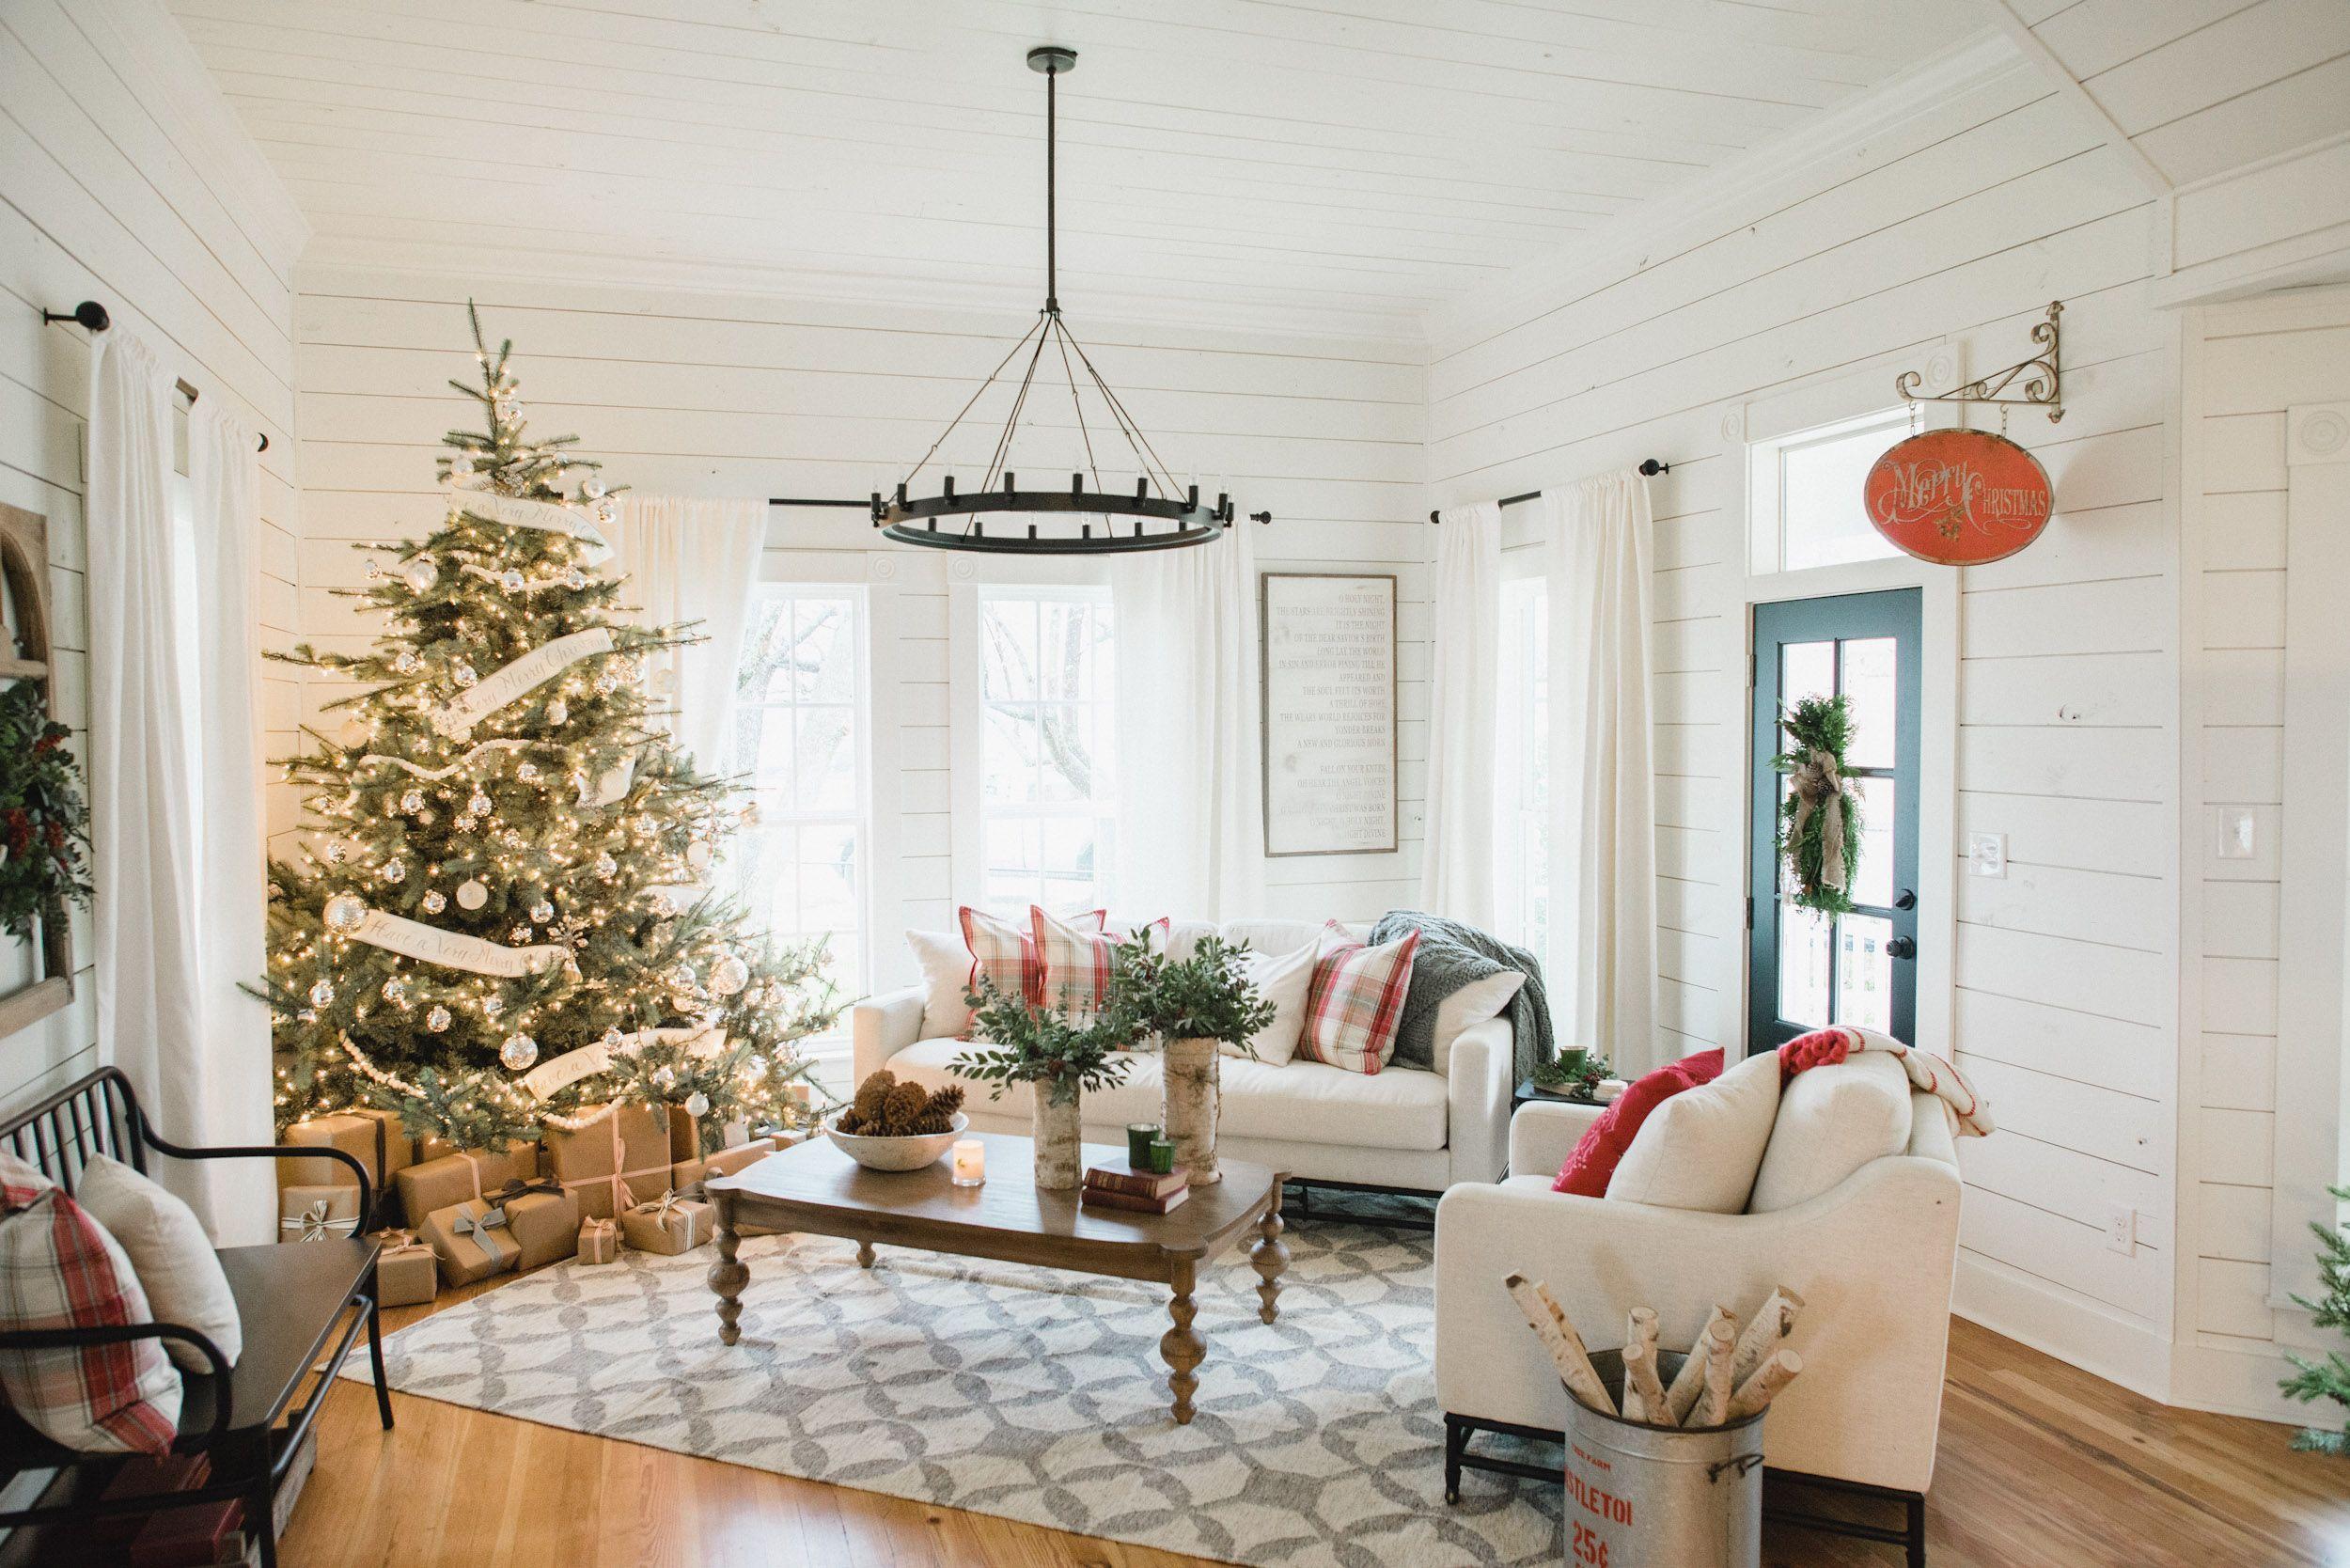 Magnolia Market Christmas decor inspiration | magnoliamarket.com ...